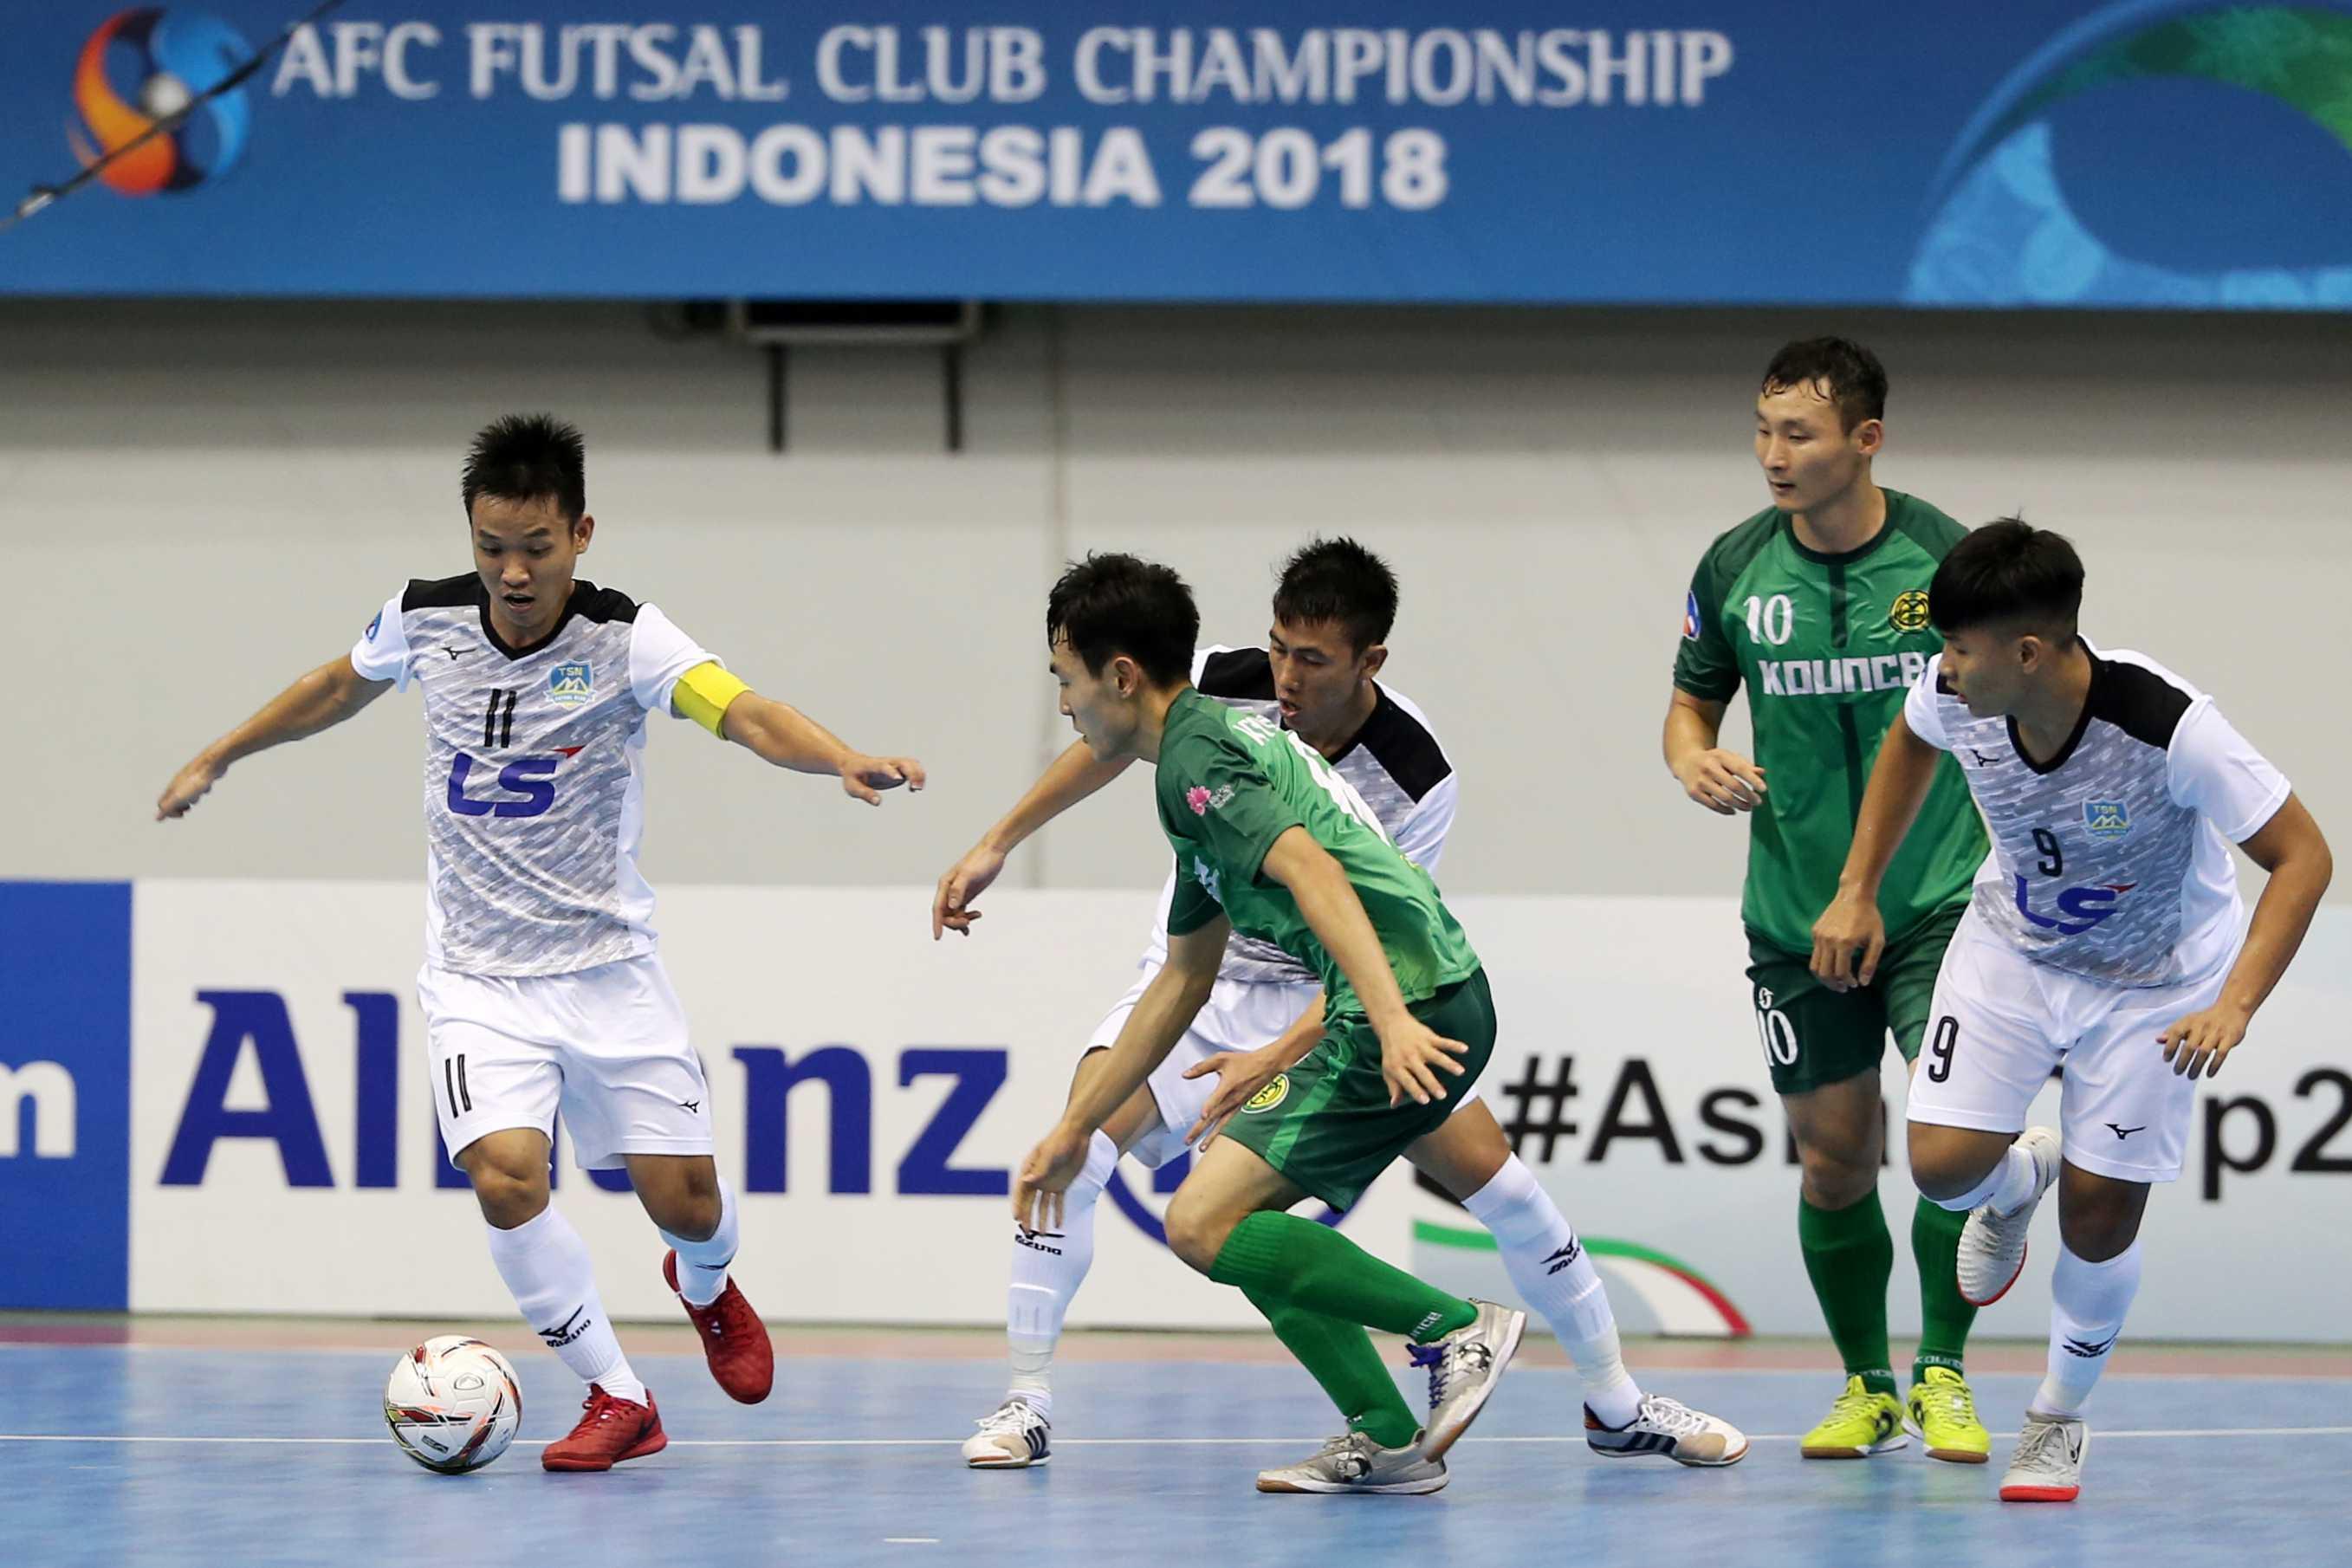 Giải vô địch các CLB Futsal châu Á 2018: Thái Sơn Nam đại thắng trận ra quân